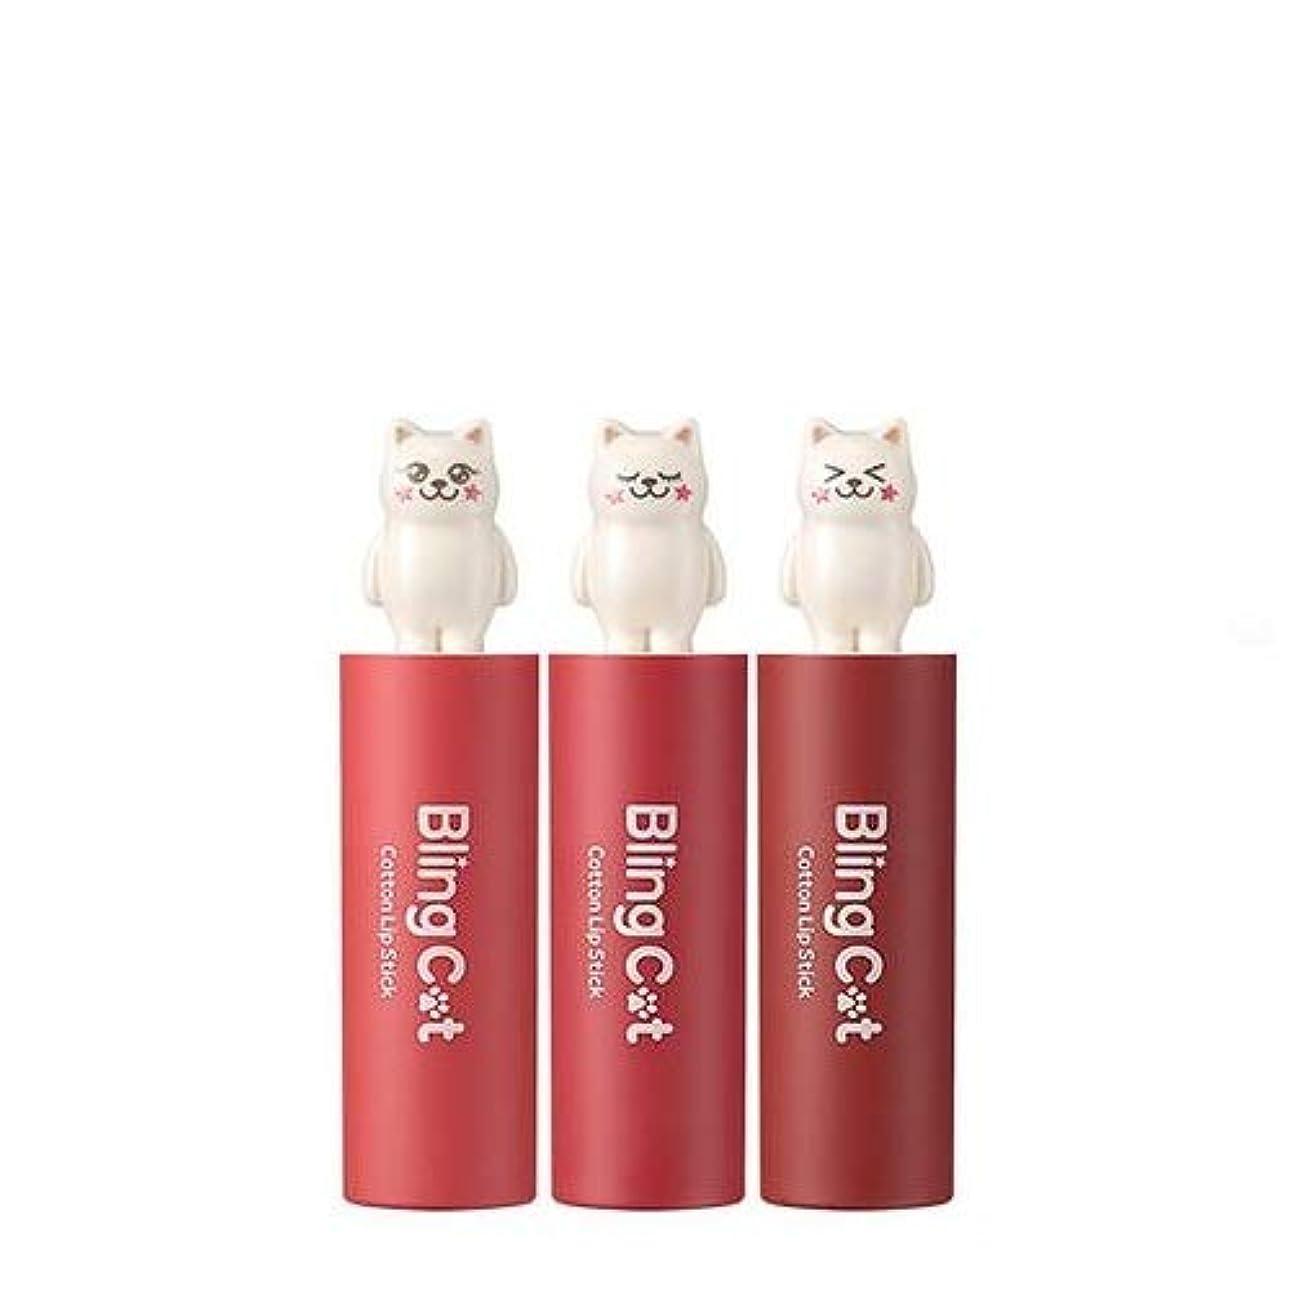 早める味マキシムトニーモリー ブリングキャット コットン リップスティック 3.4g / TONYMOLY Bling Cat Cotton Lipstick # 06. Chic Brick [並行輸入品]